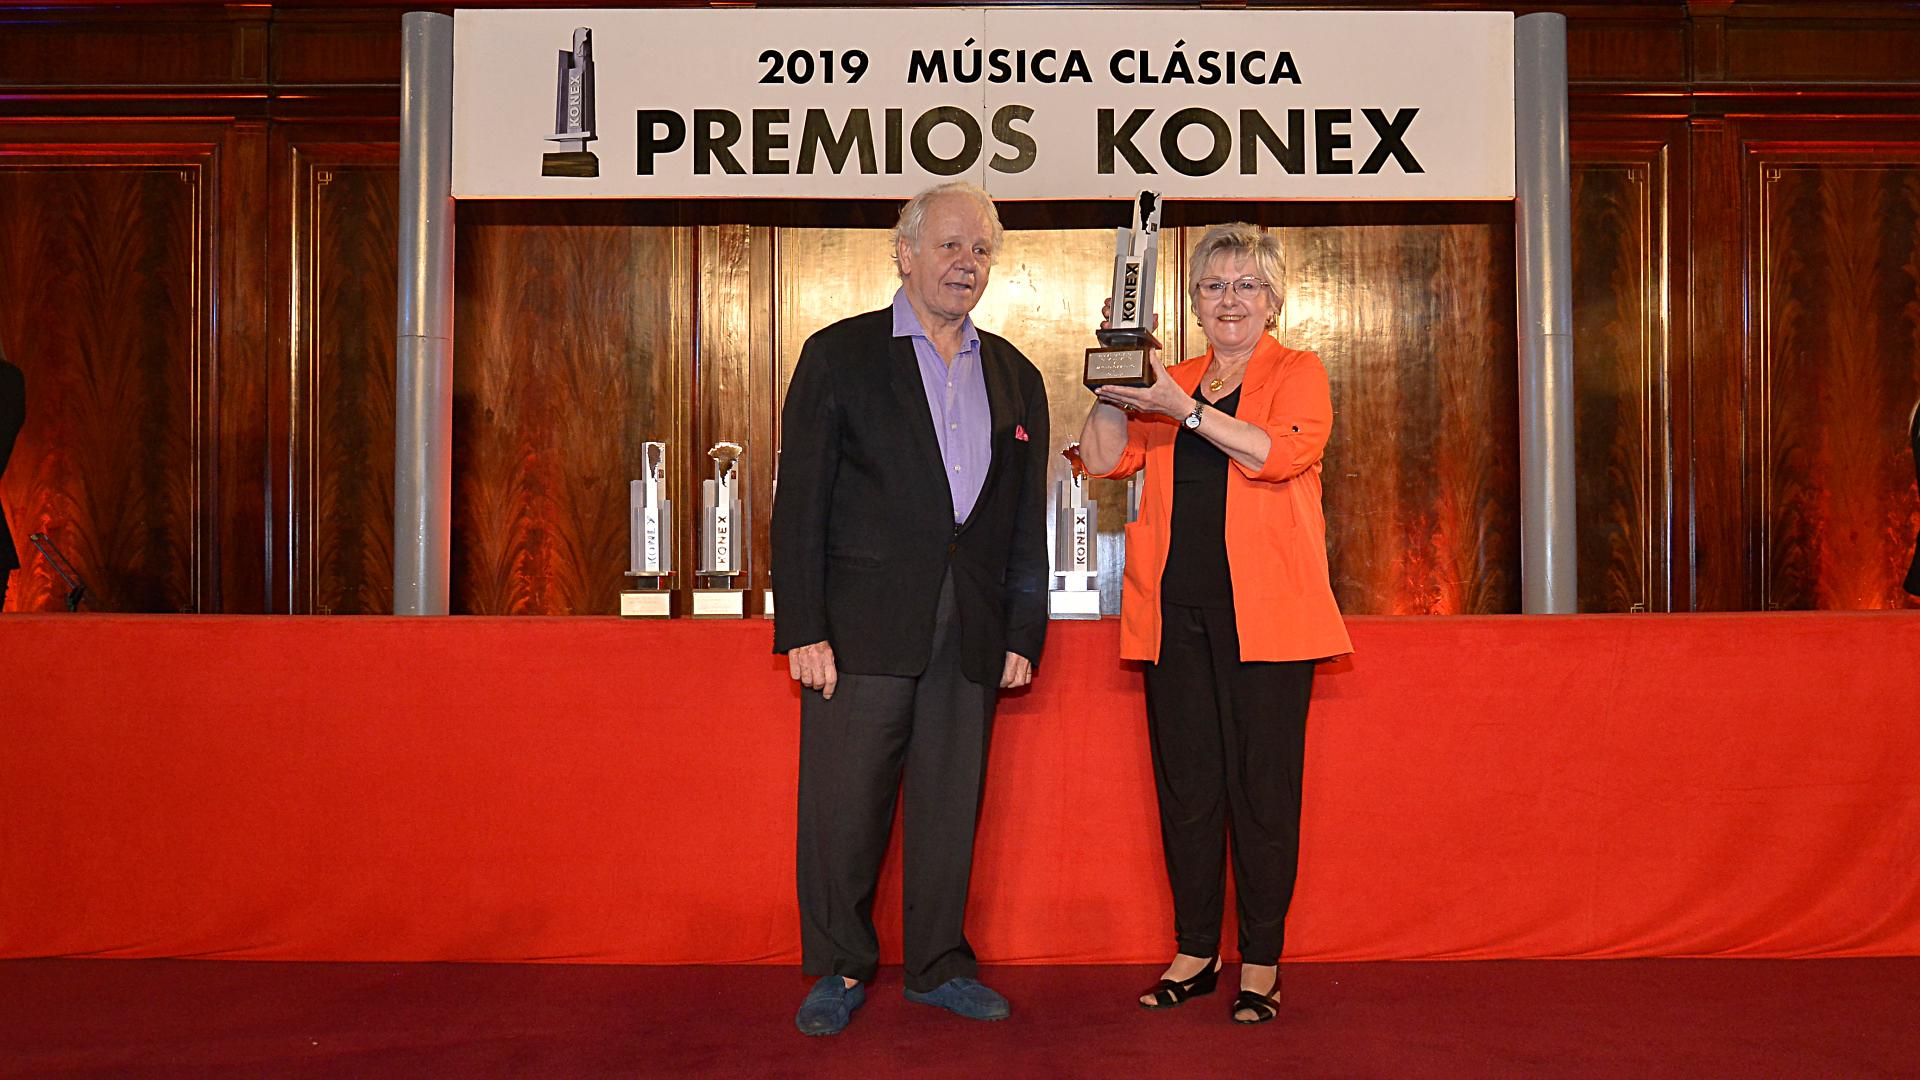 Emilio Basaldúa entrega el galardón a y Marilú Anselmi, madre del premiado Marcelo Lombardero